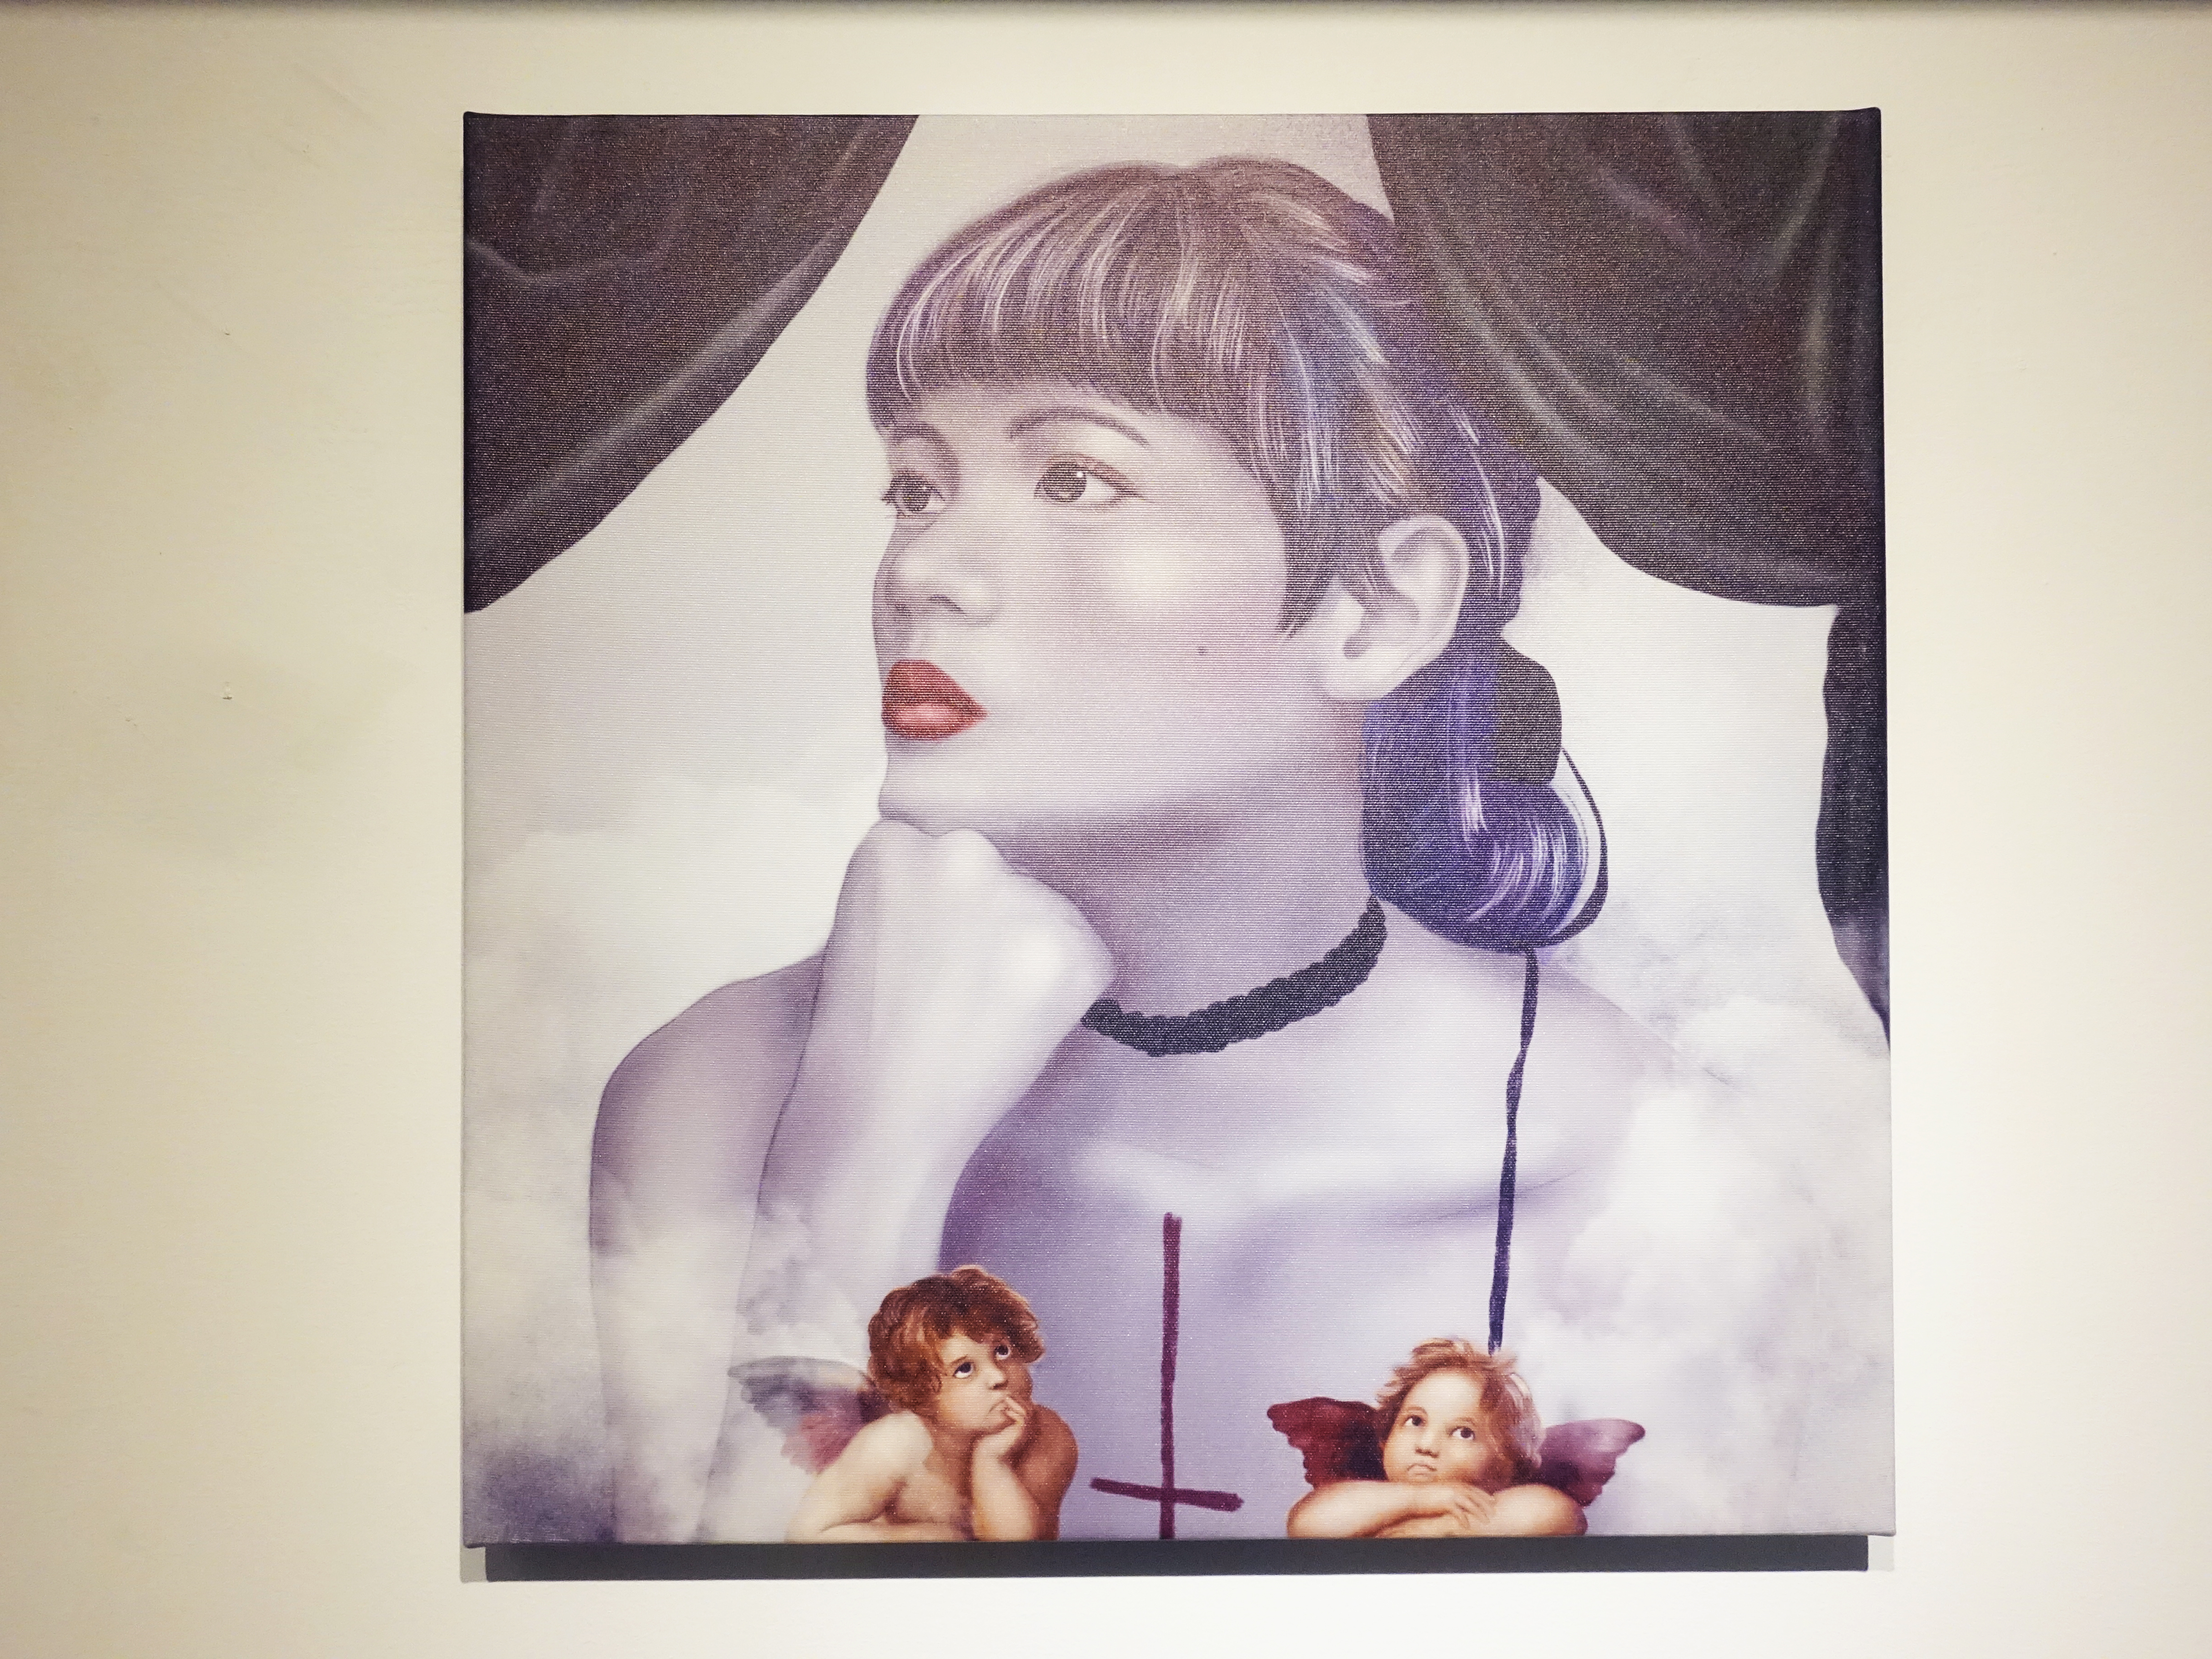 連師屏,《視角》,數位繪圖,50 x 50 cm 1/10,2019。